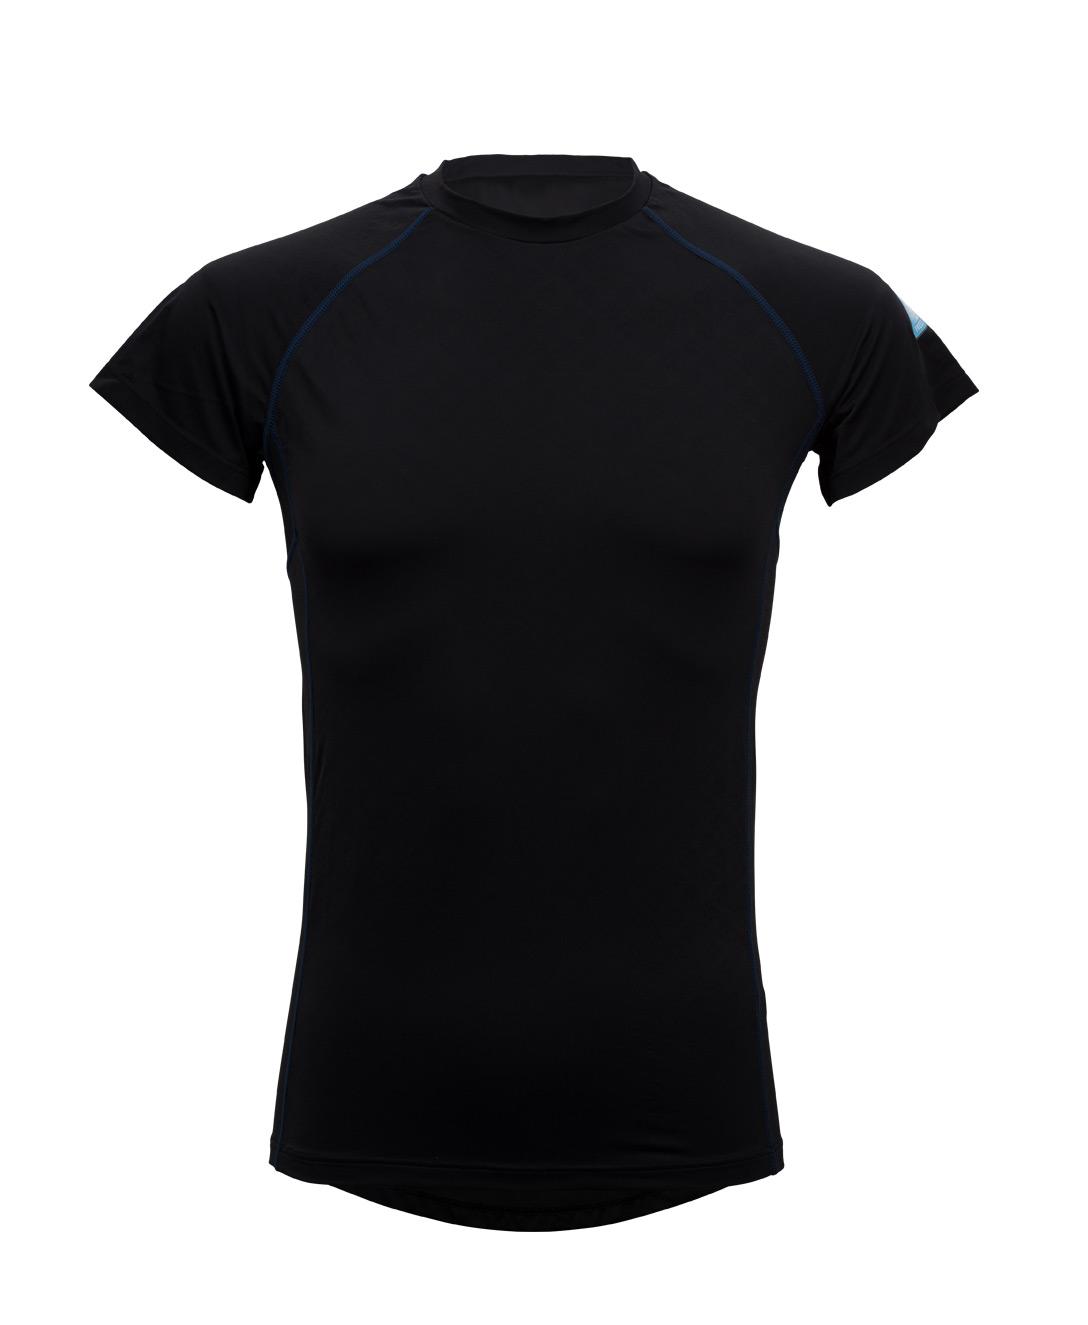 写真:冷却インナーシャツ 半袖 クルーネック